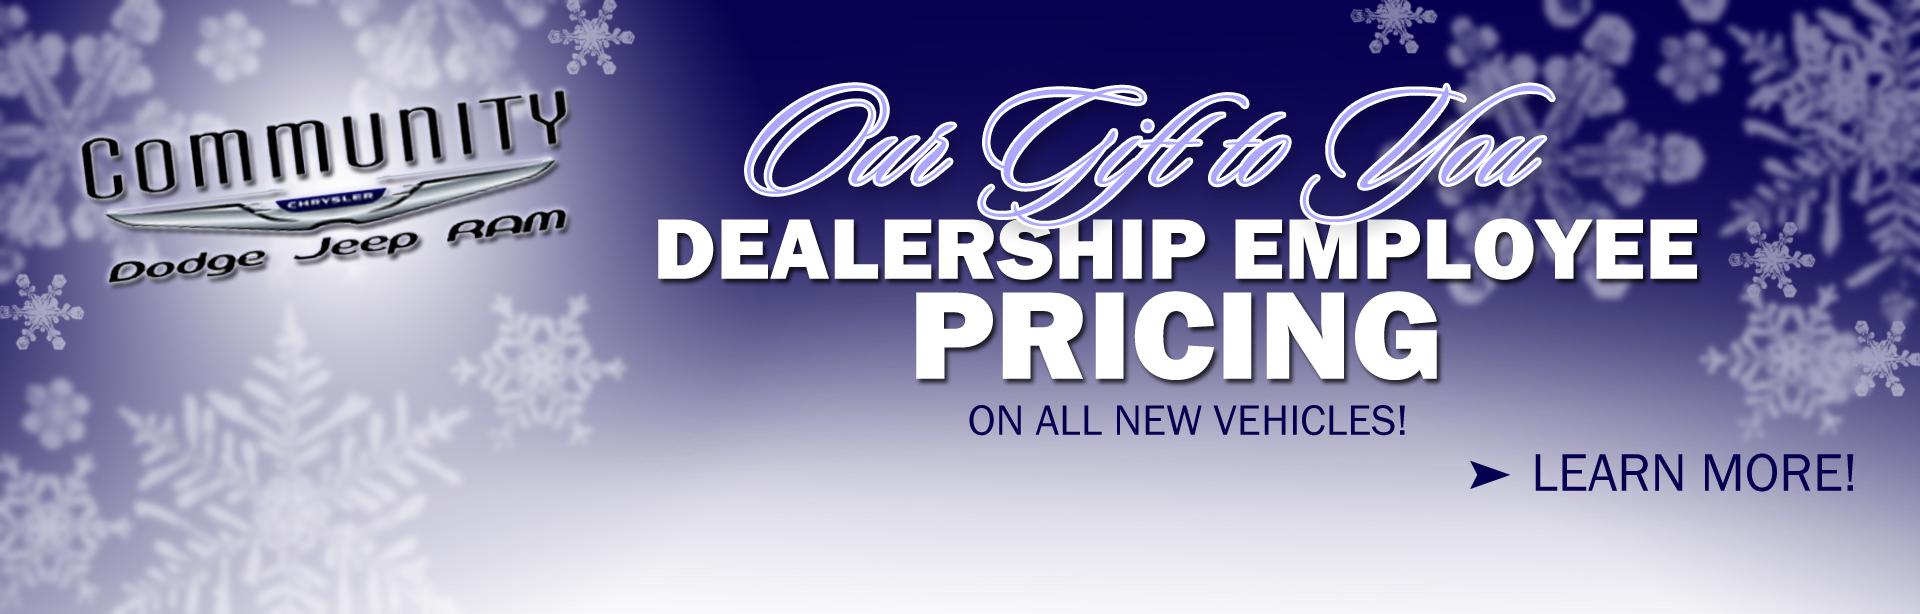 Dealership Employee Pricing